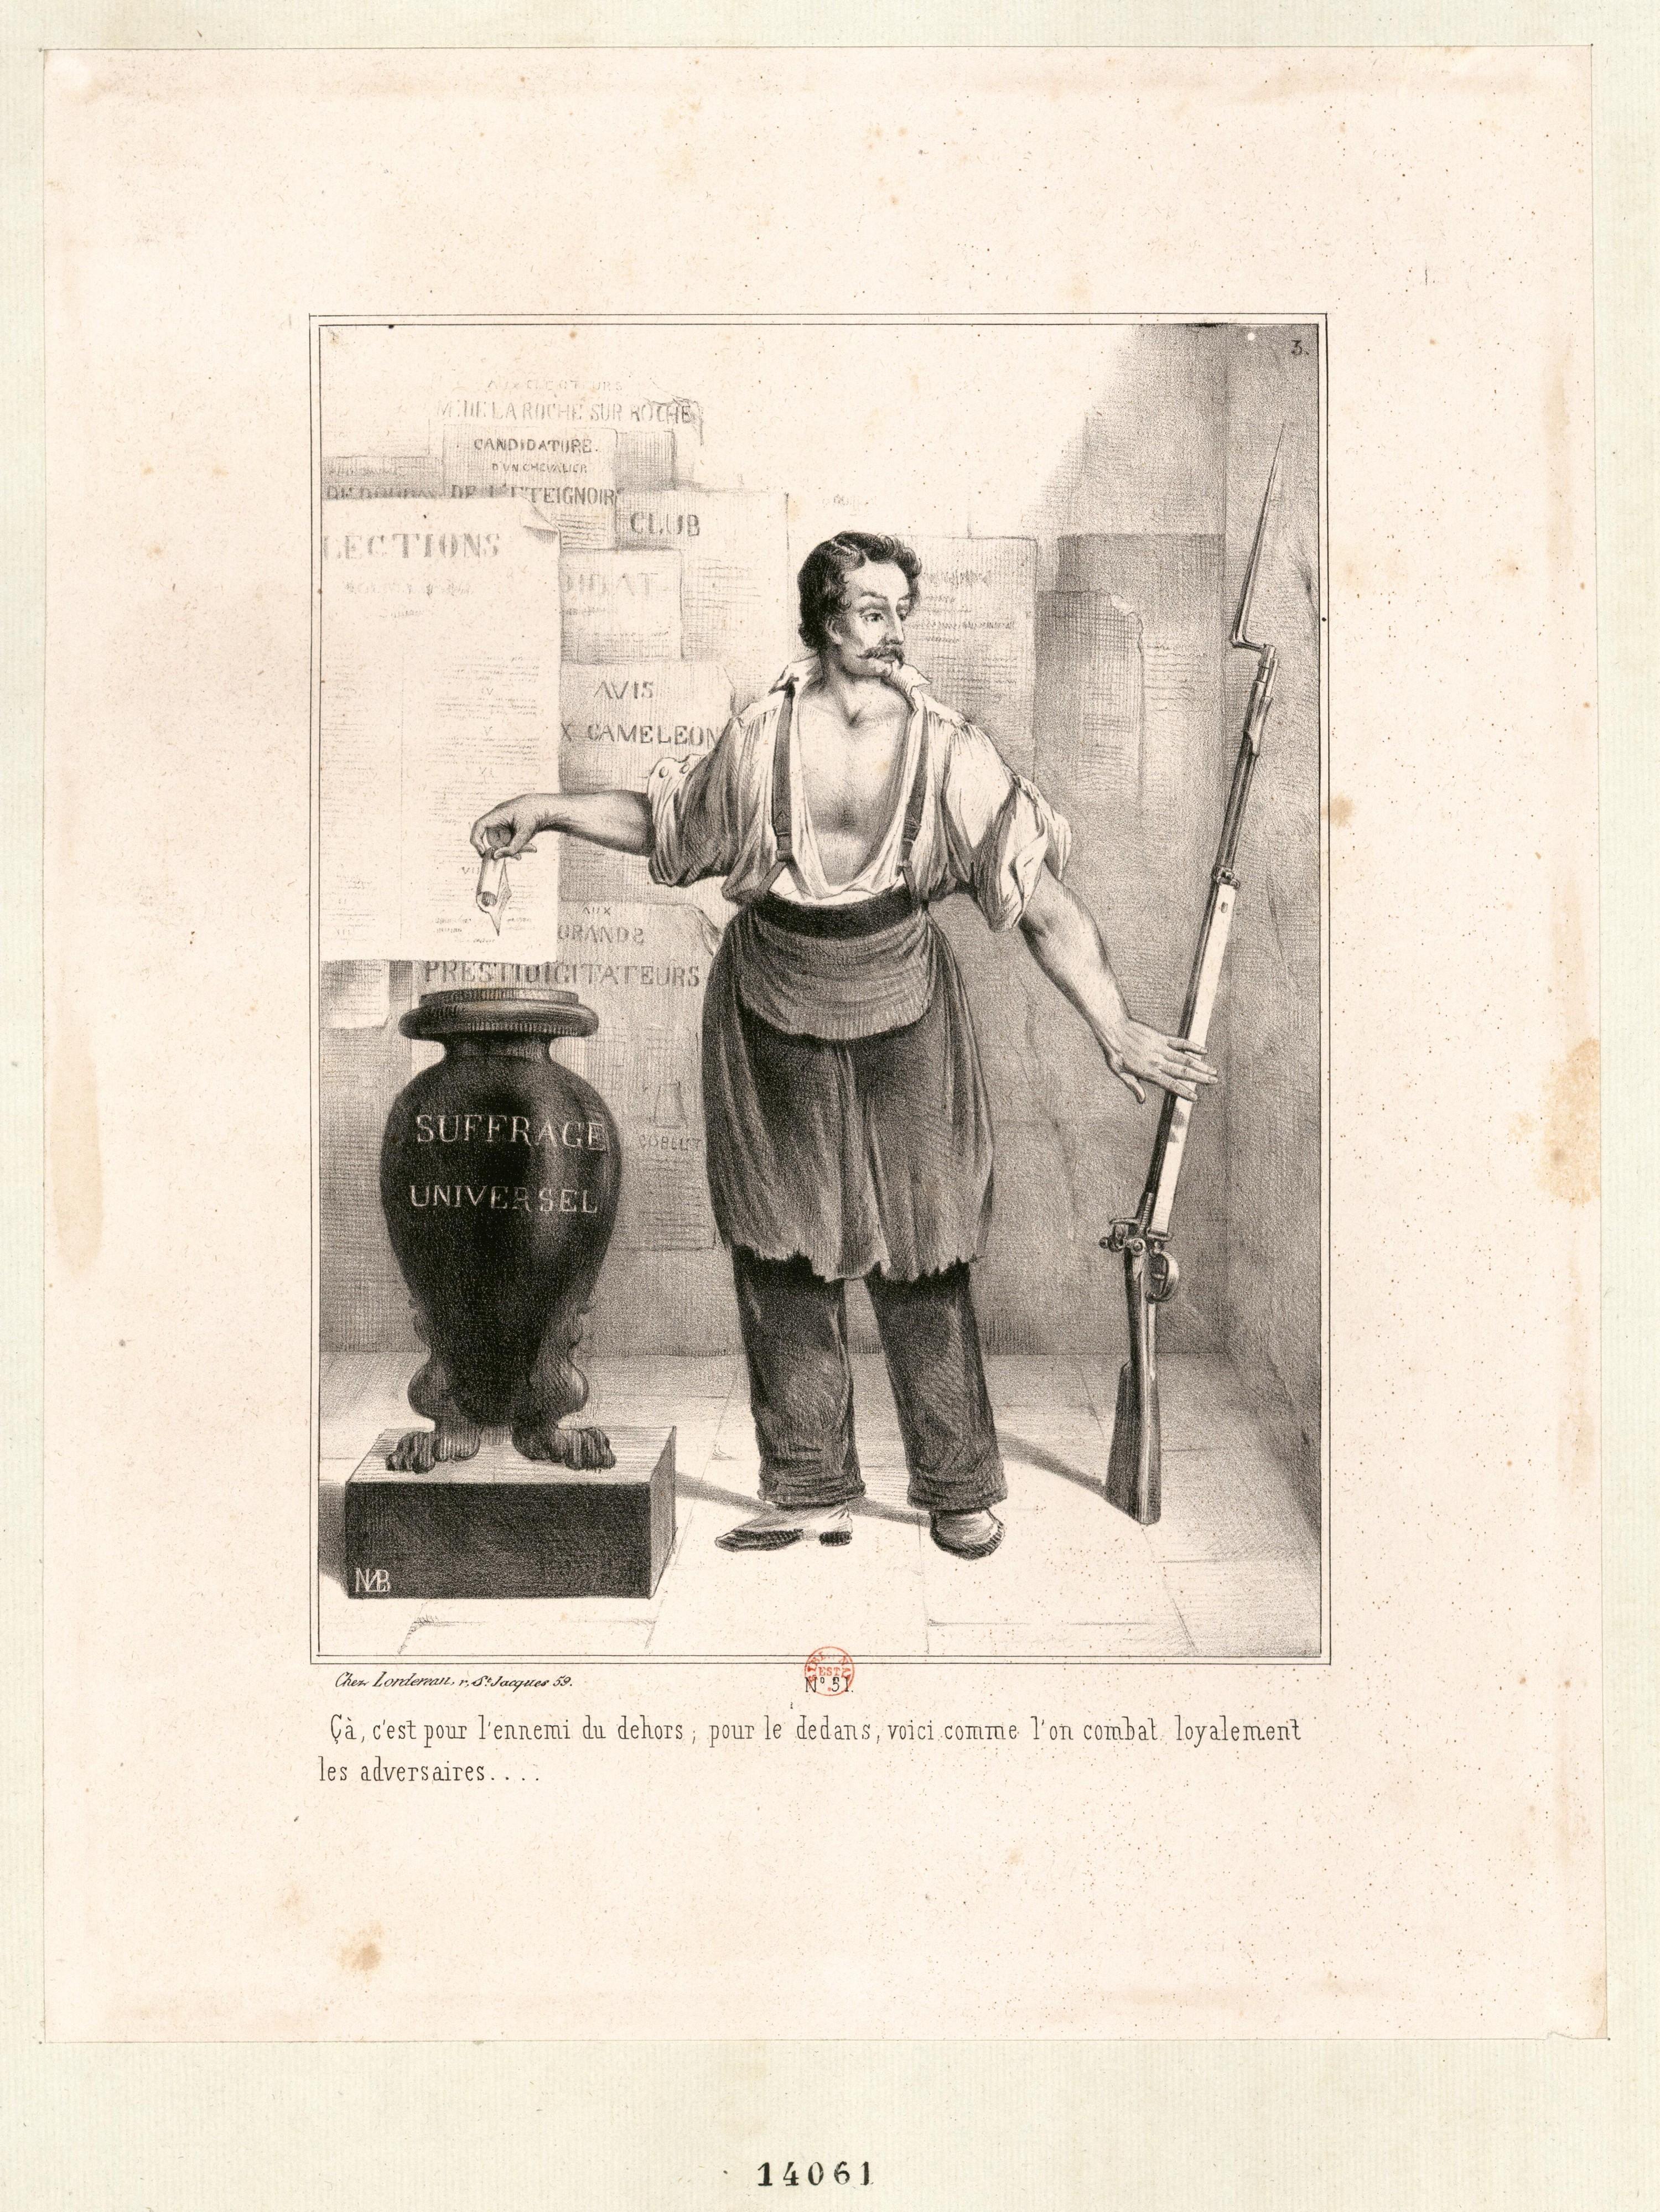 Louis Marie Bosredon, Le Vote ou le fusil, 1848